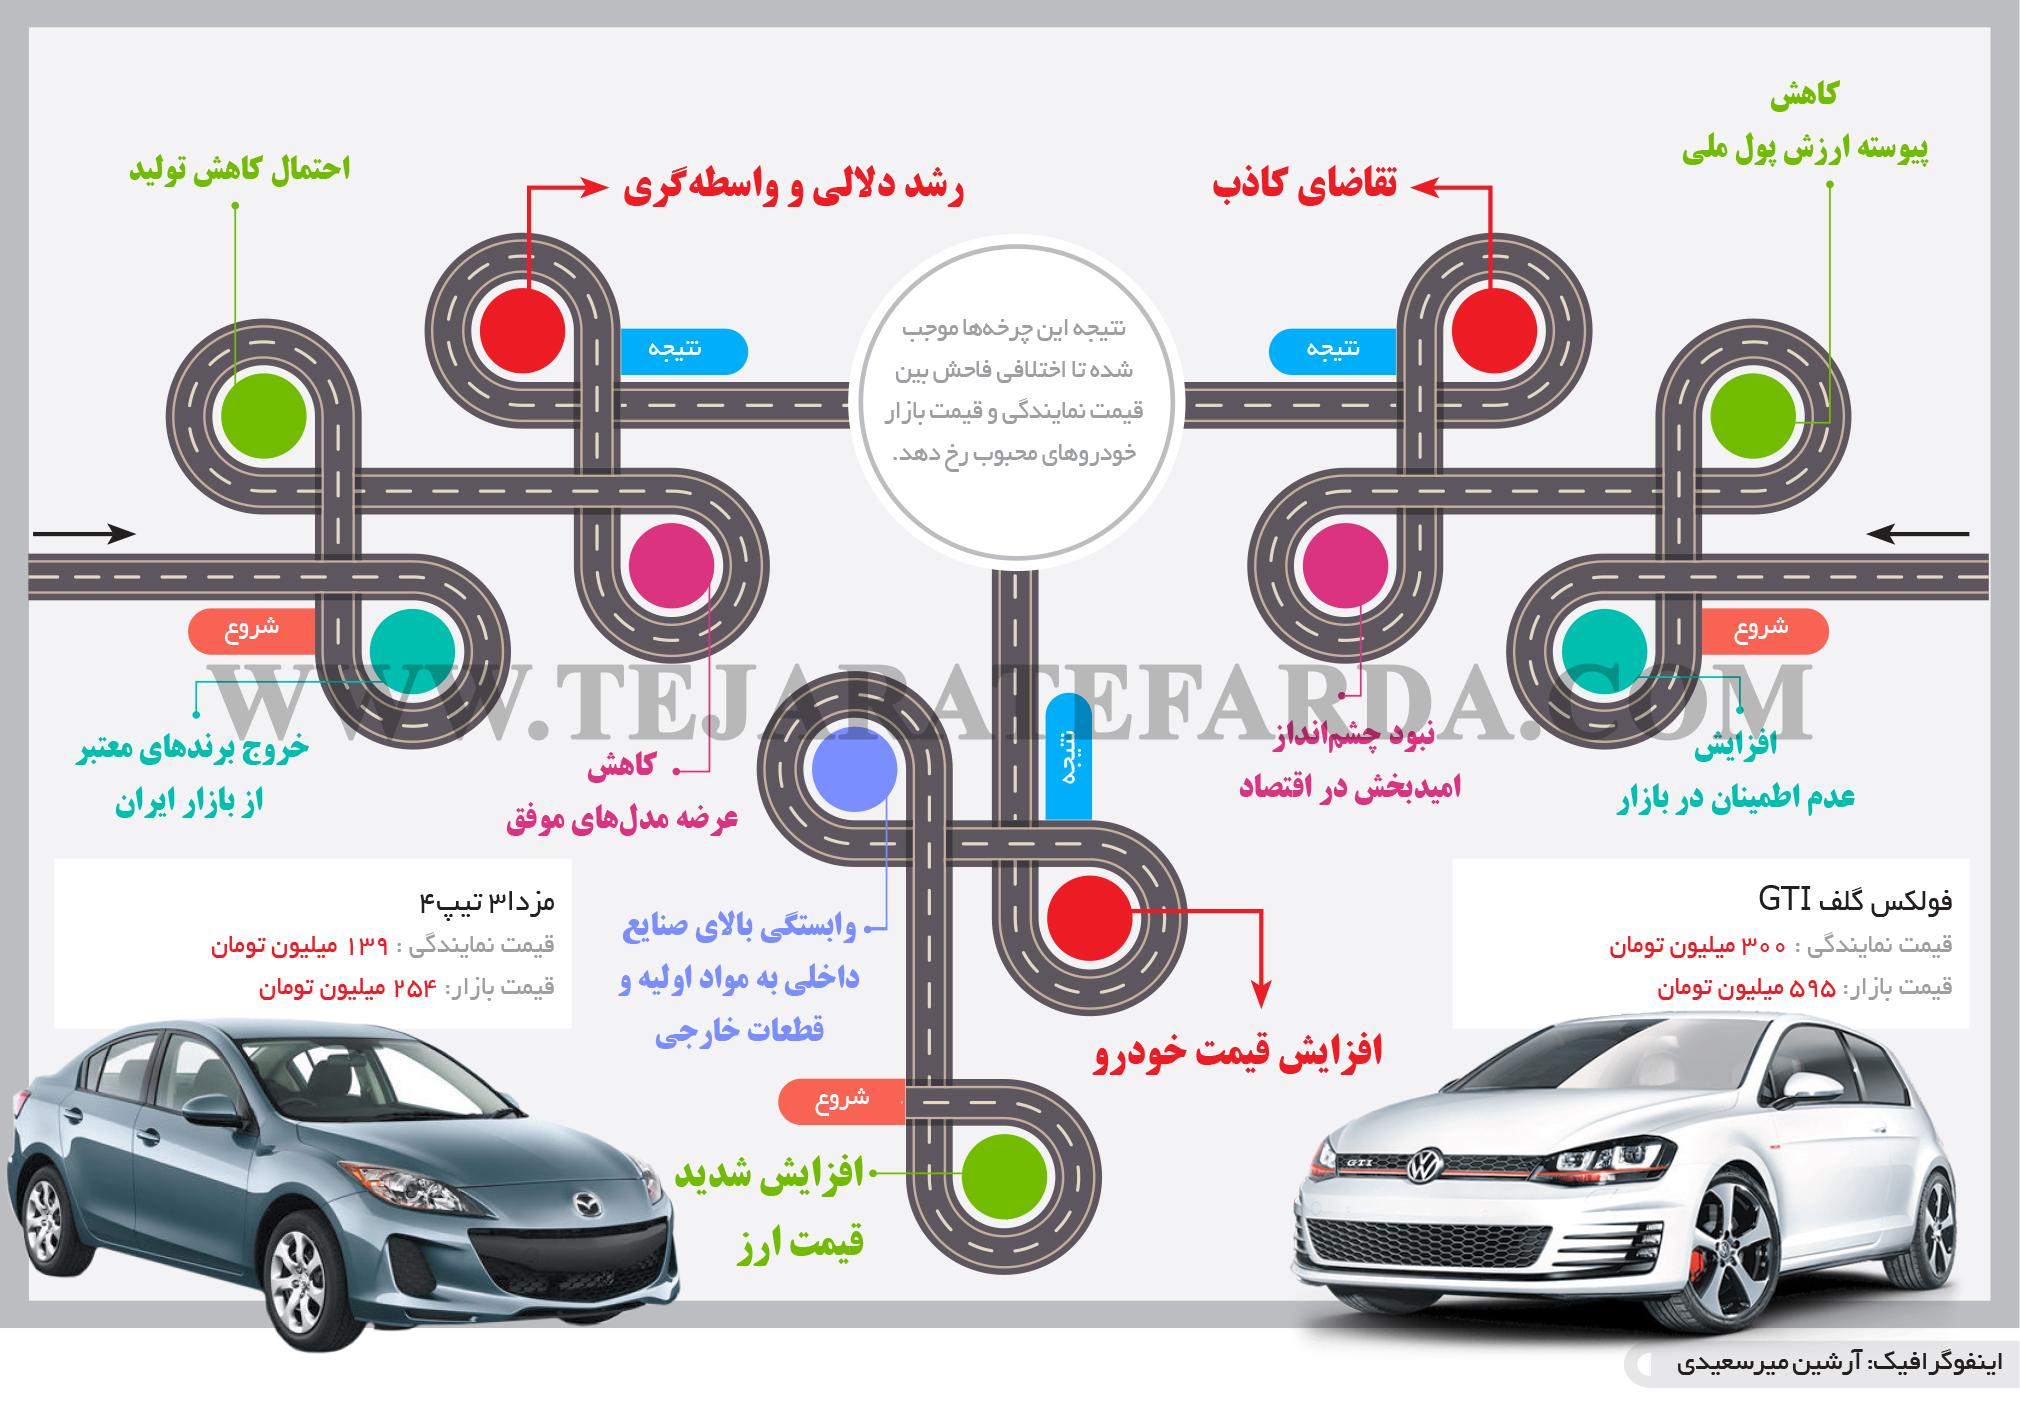 تجارت- فردا- بازار خودرو(اینفوگرافیک)